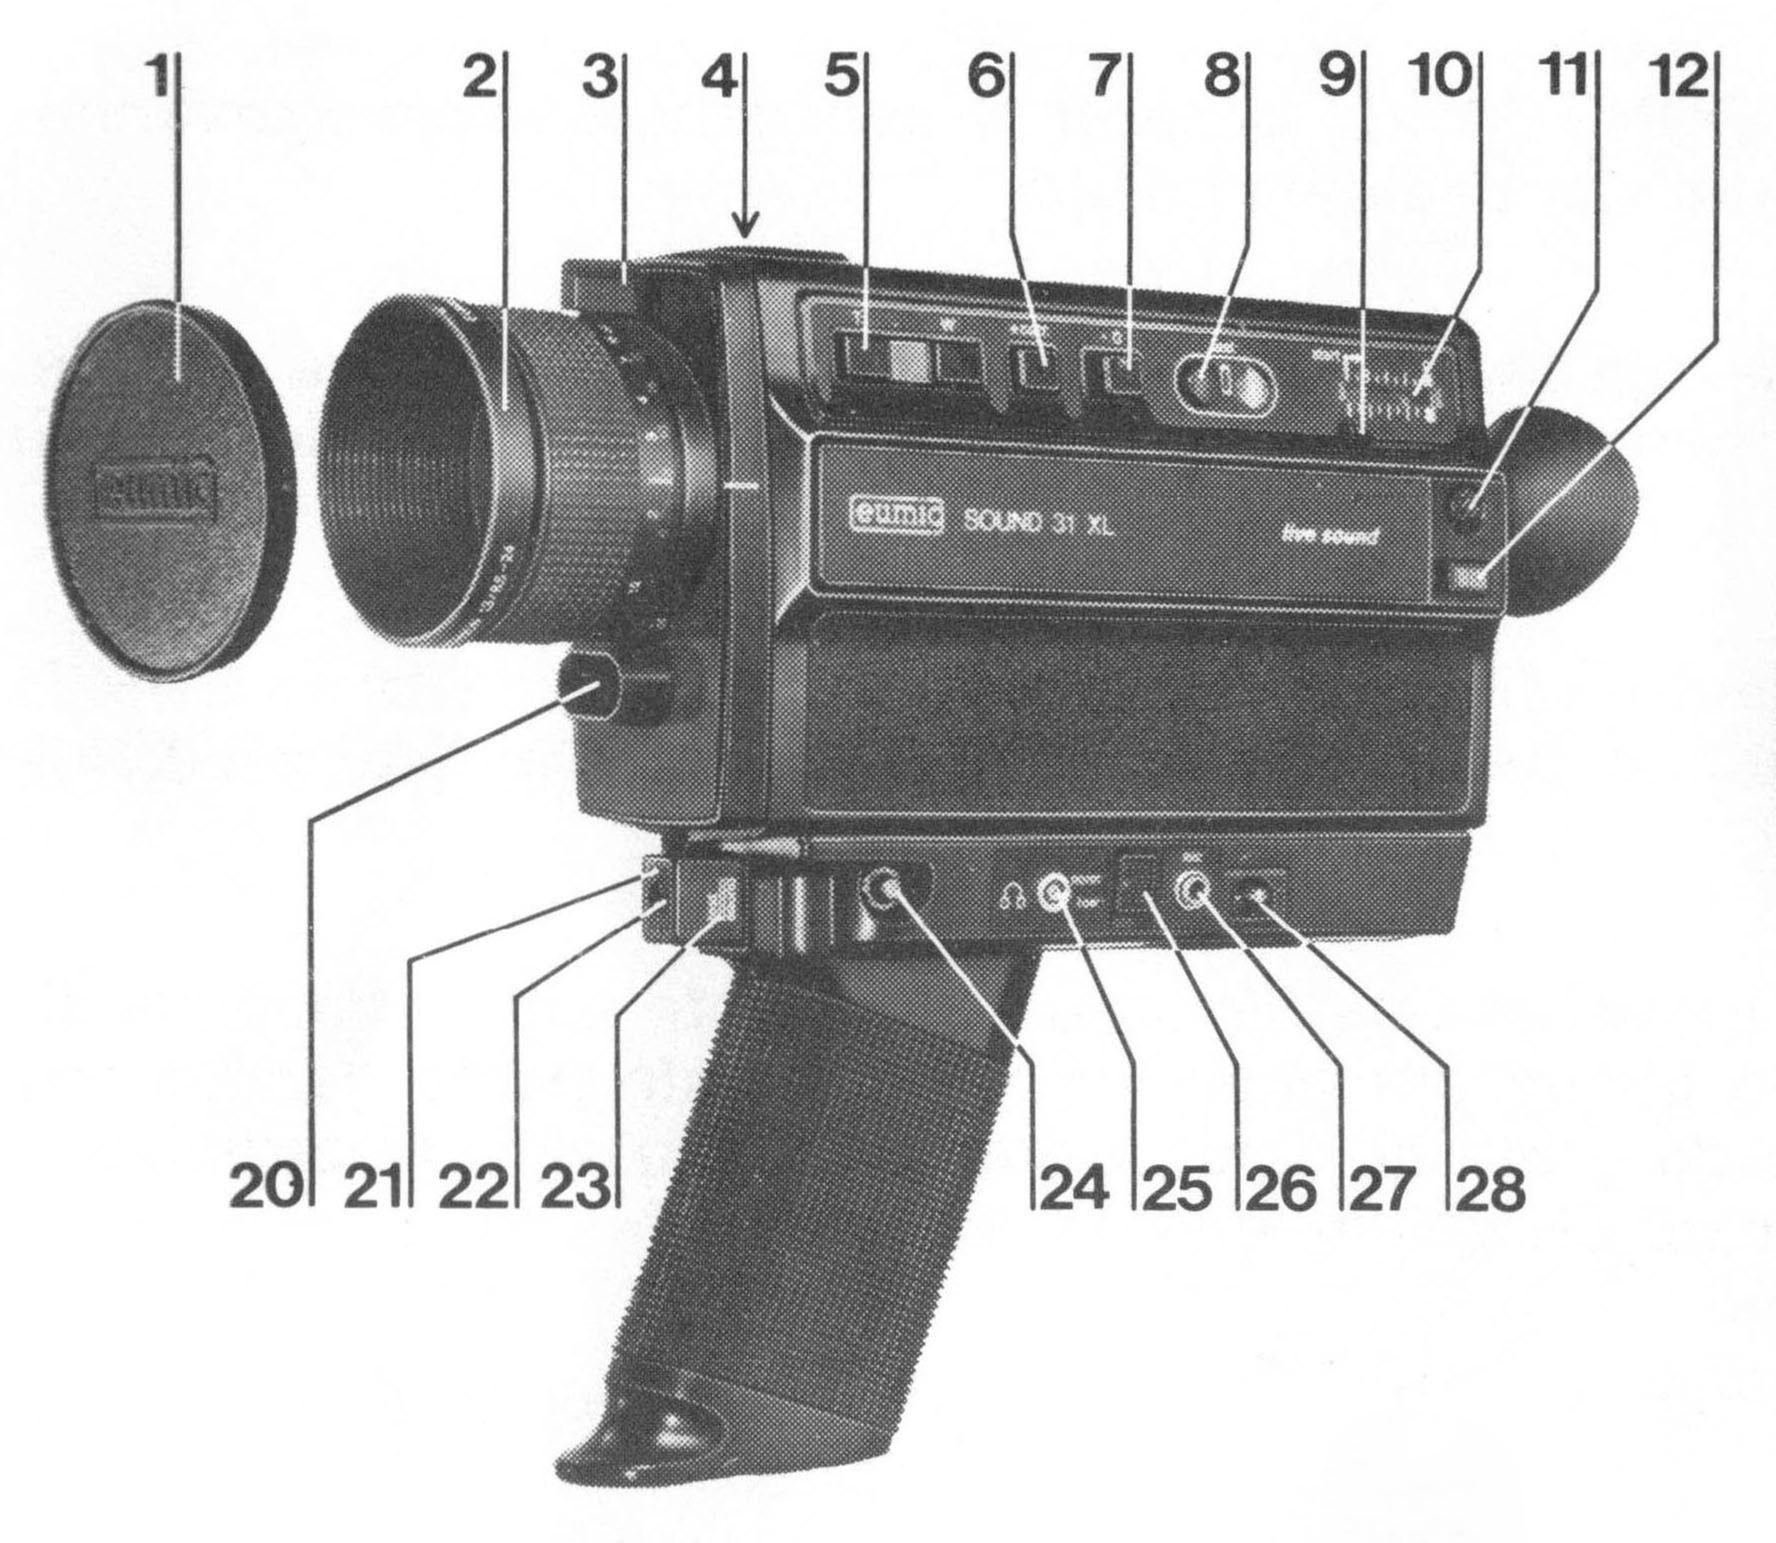 Sound 31 XL